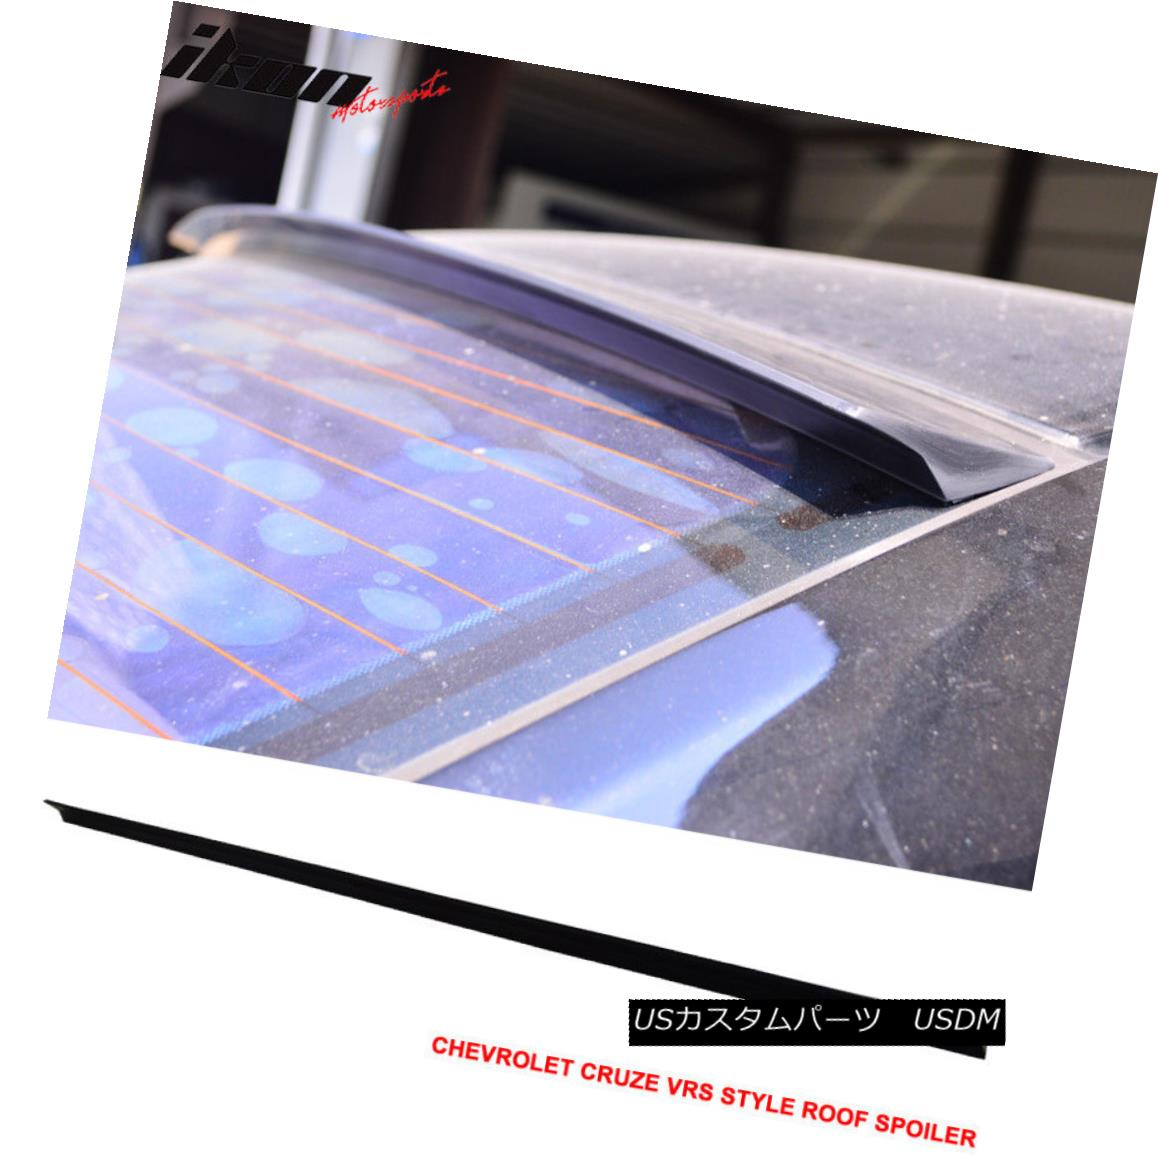 エアロパーツ 11-15 Chevrolet Cruze J300 4Dr VRS Style Roof Spoiler Unpainted Black - PUF 11-15シボレークルーズJ300 4Dr VRSスタイルルーフスポイラー無塗装黒 - PUF